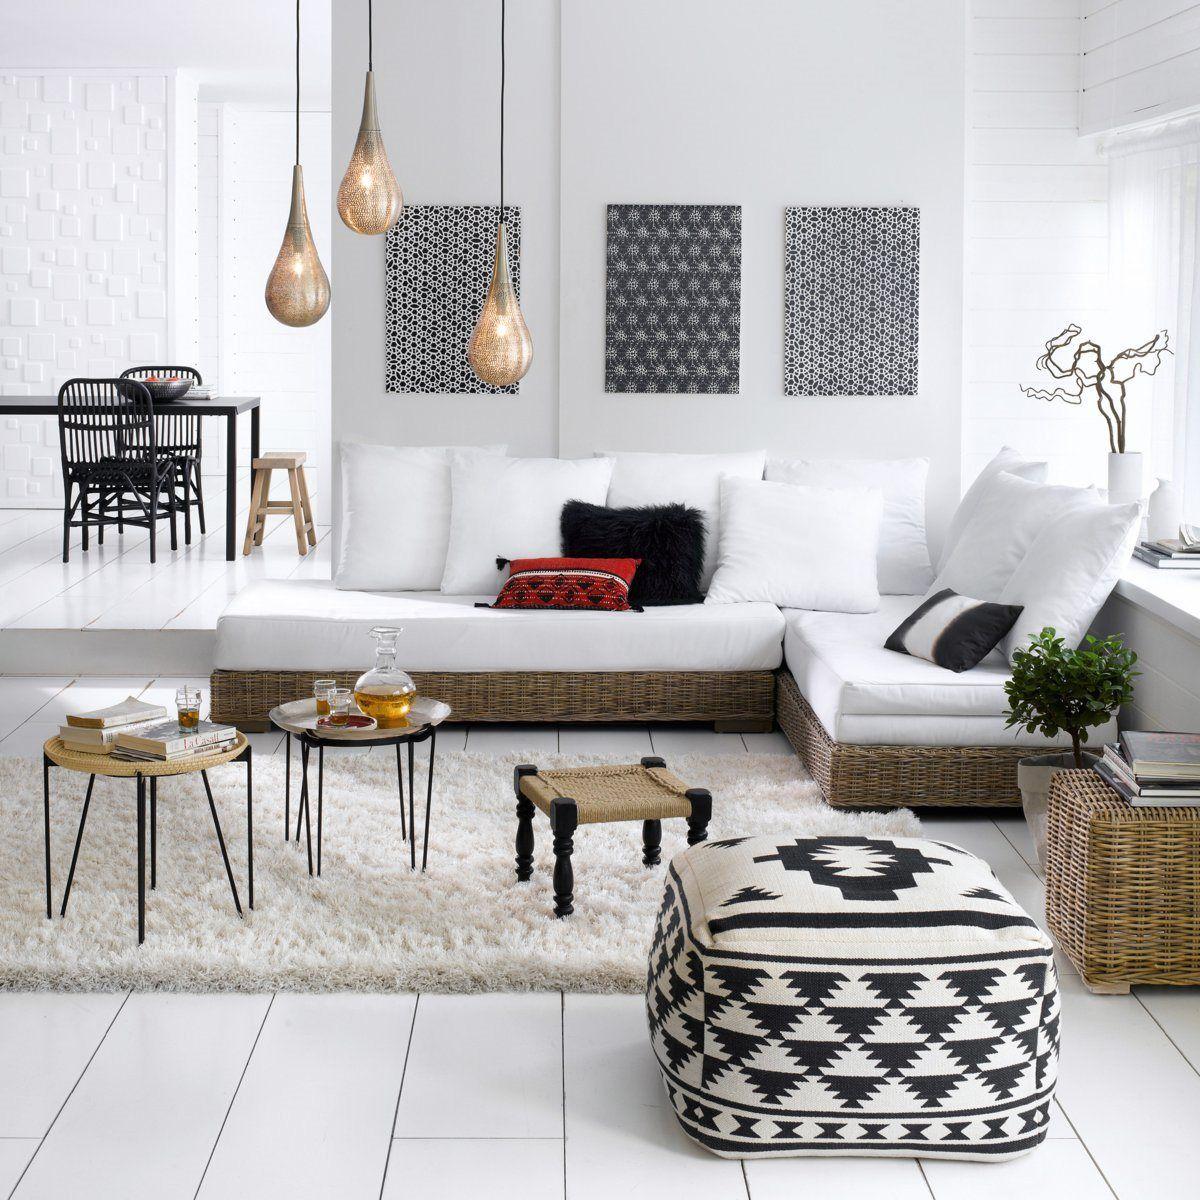 Pouf, sale price €67 (€95) - La Redoute | SHOPPING | Pinterest ...